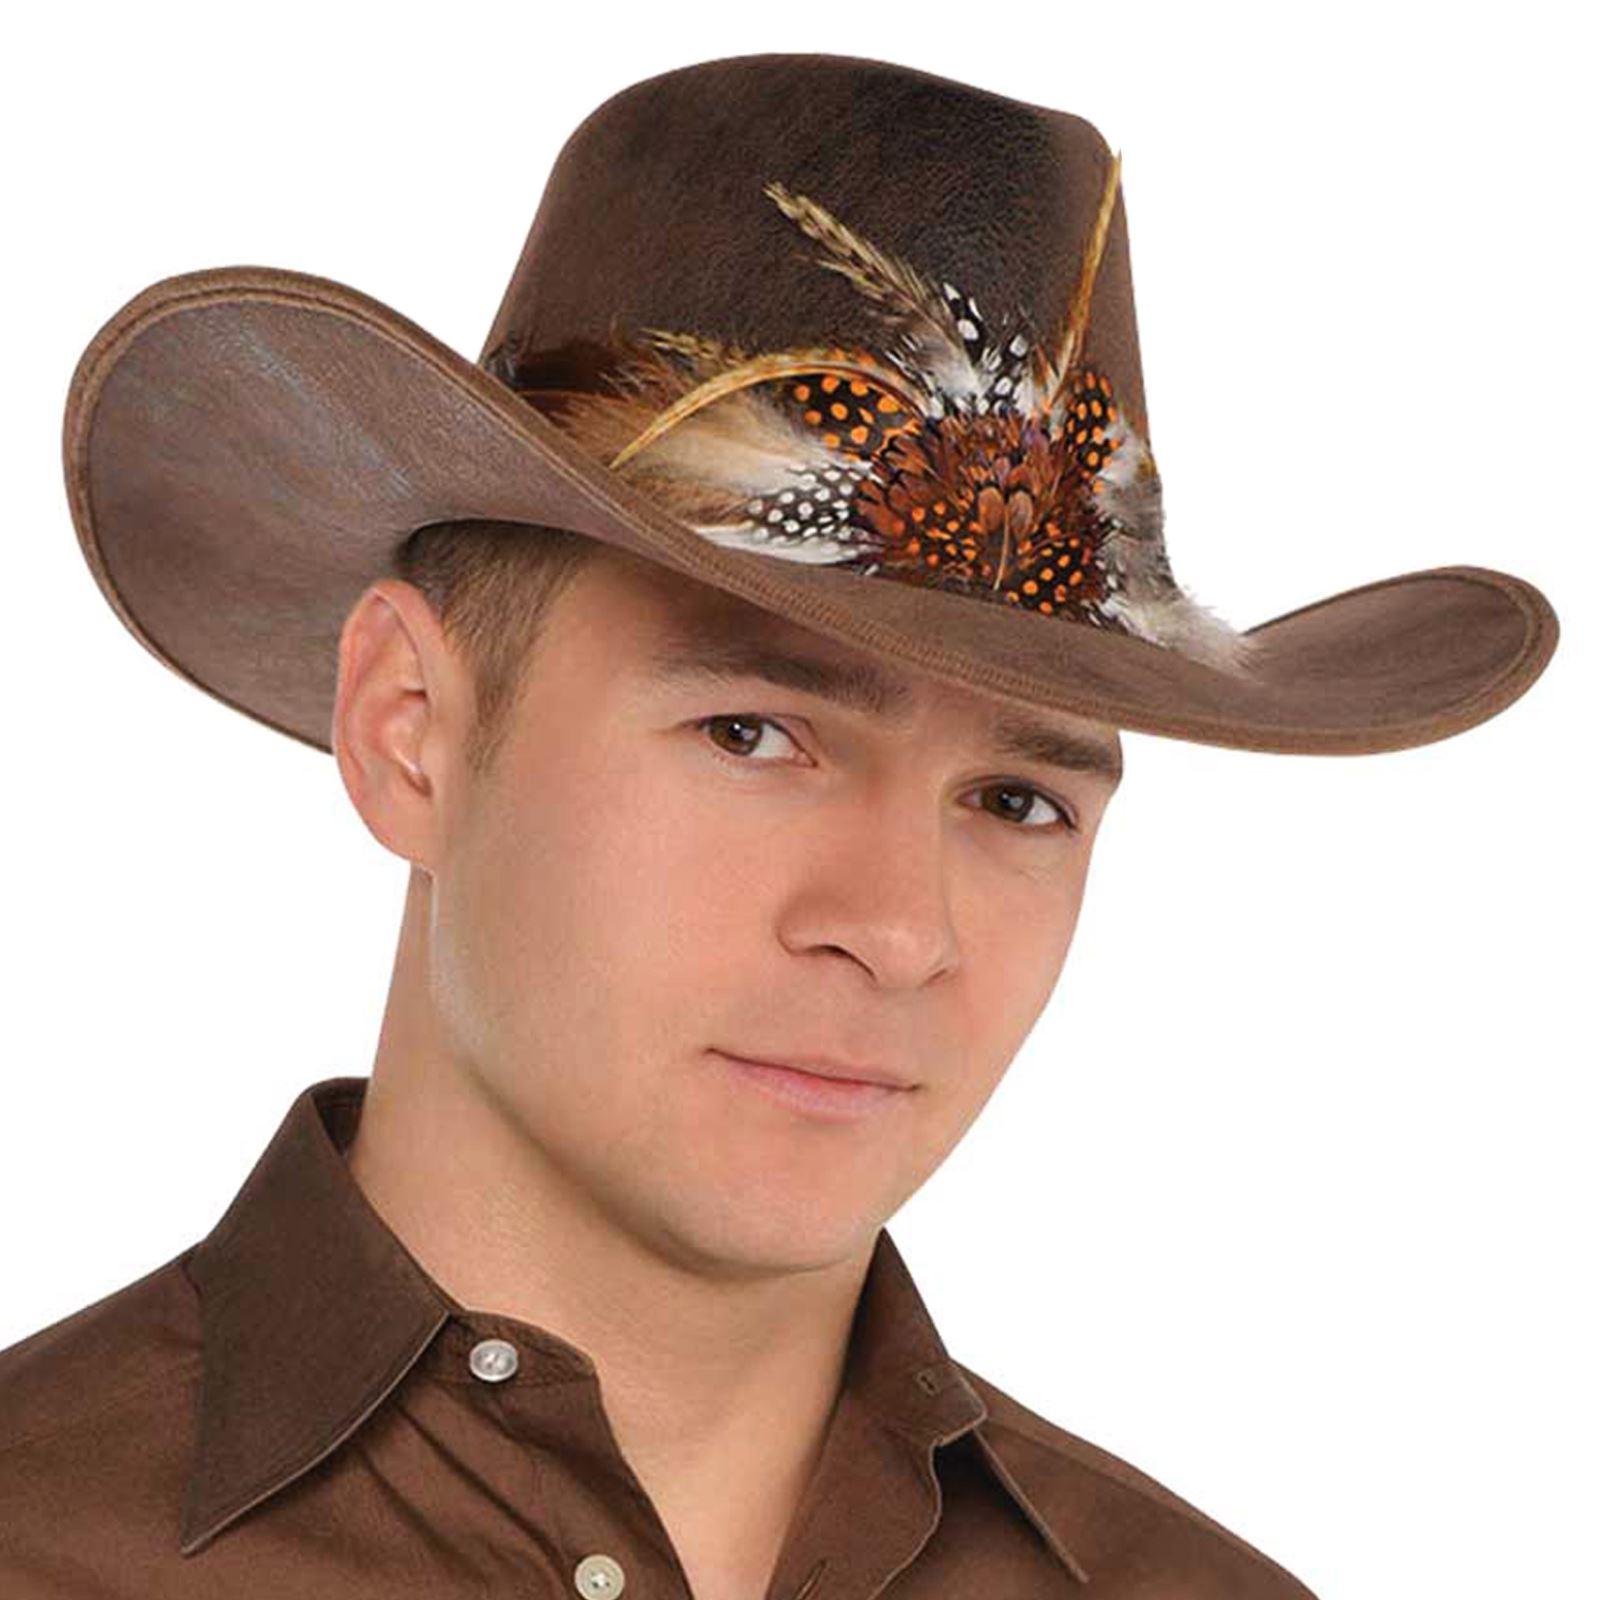 Adulto SALVAJE OESTE VAQUERO VAQUERA Sombrero rodeo Salón Accesorio ... ede45ee8fdf